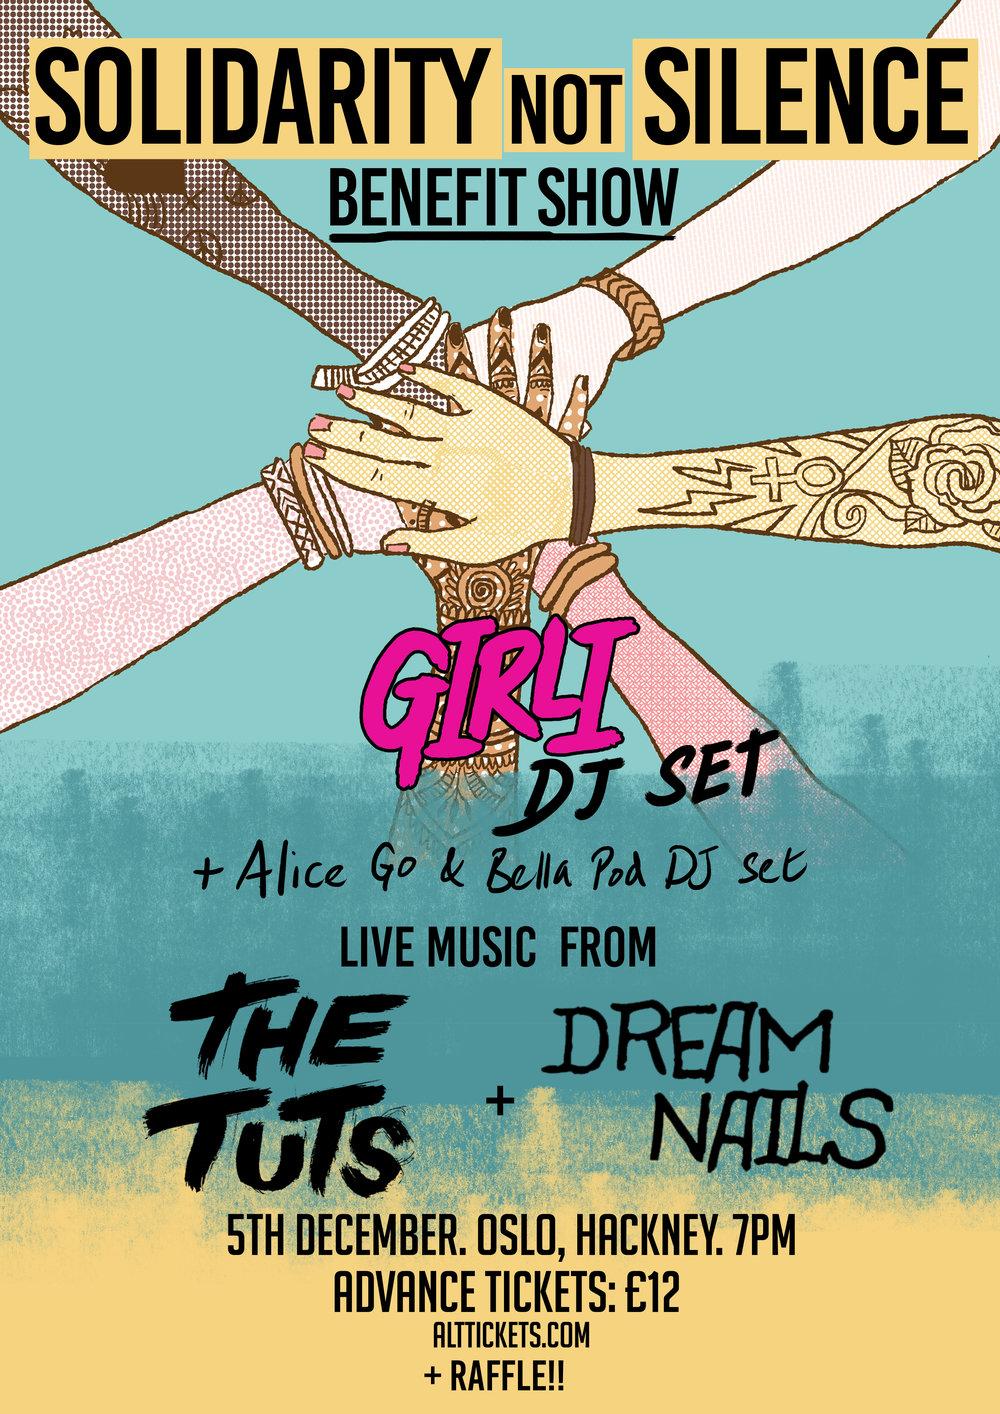 The-Tuts-Crowd-Fund-benefit-show-5th Dec(1).jpg